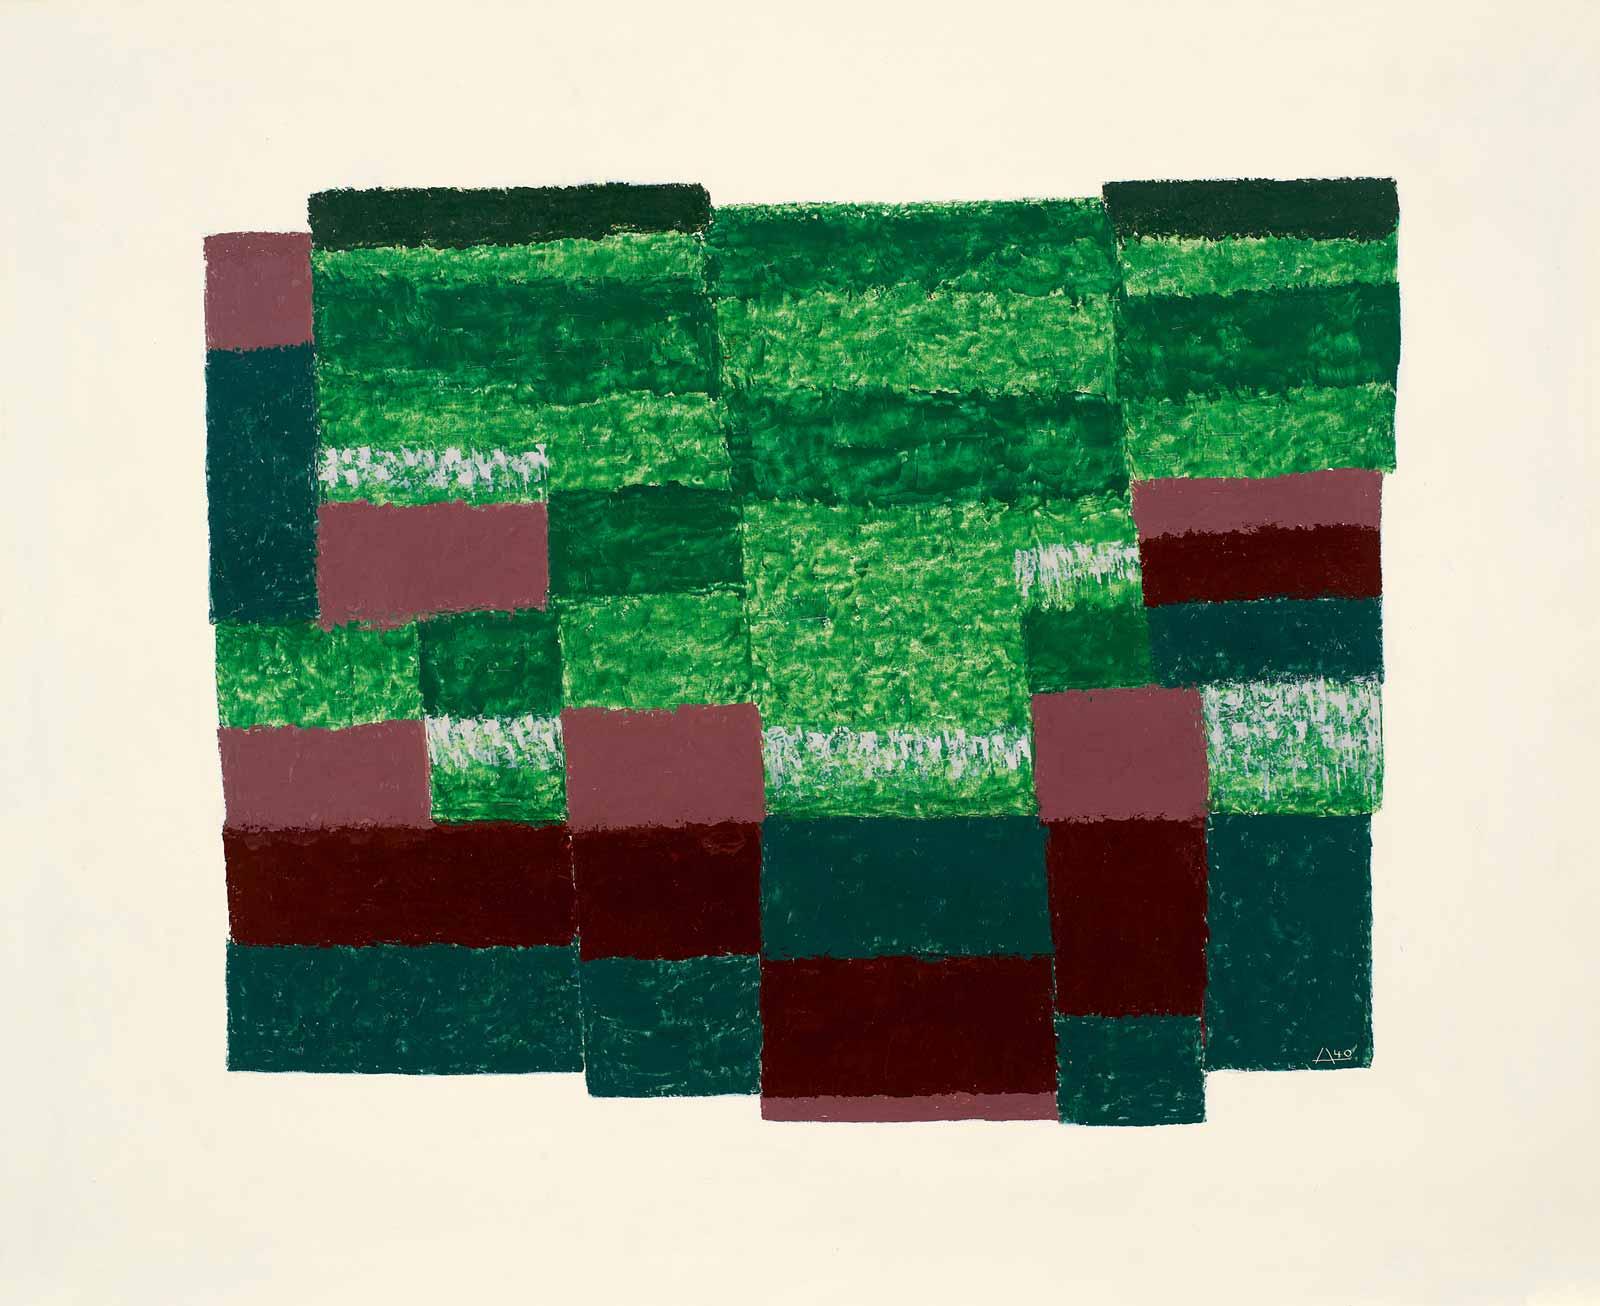 albers-tierra-verde